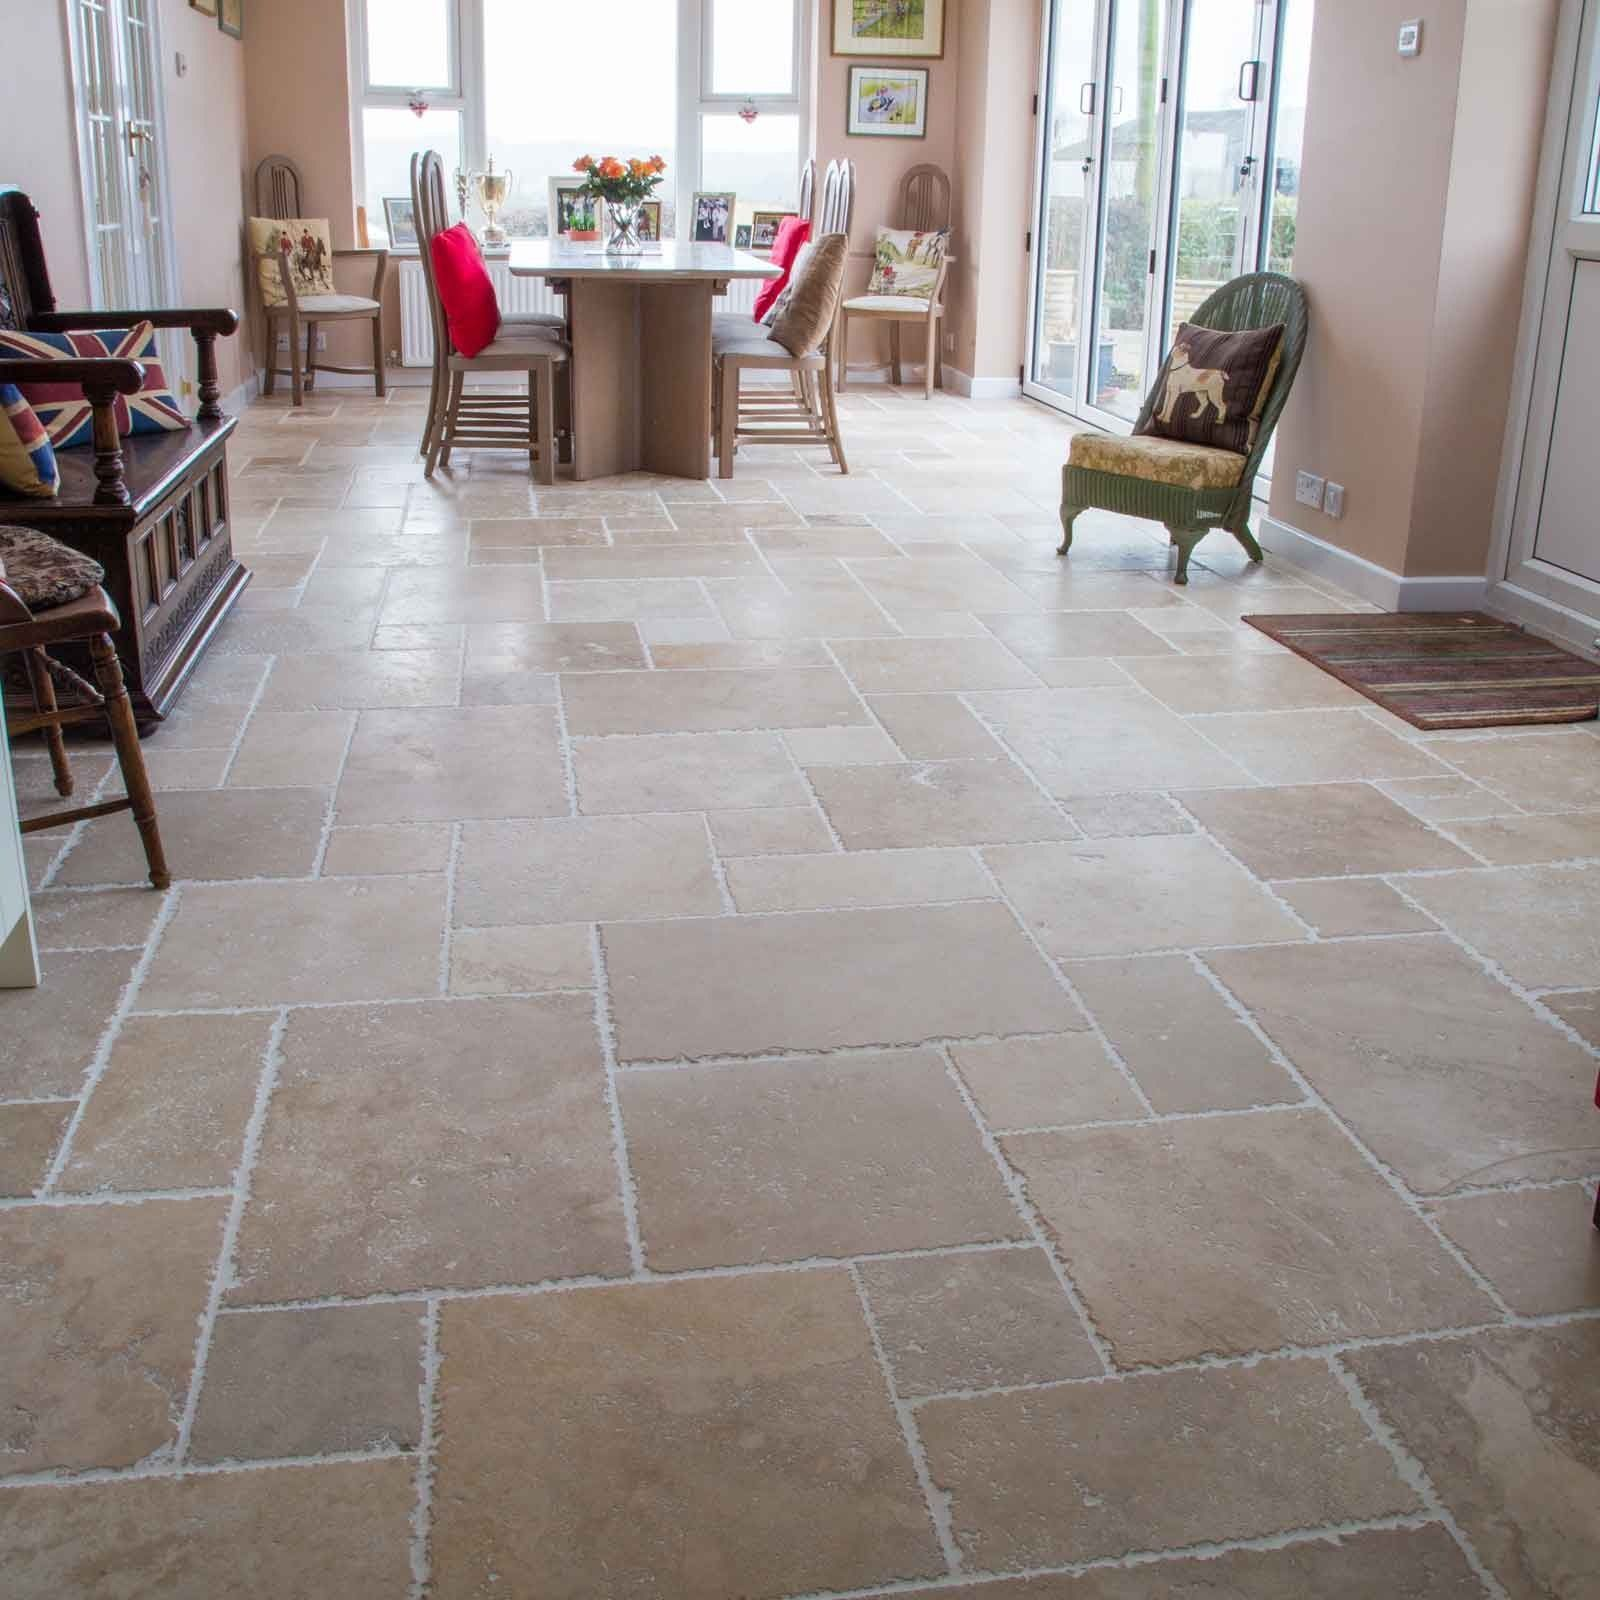 Classic aegean brushed travertine floor tiles natural stone classic aegean brushed travertine floor tiles natural stone flooring dailygadgetfo Gallery